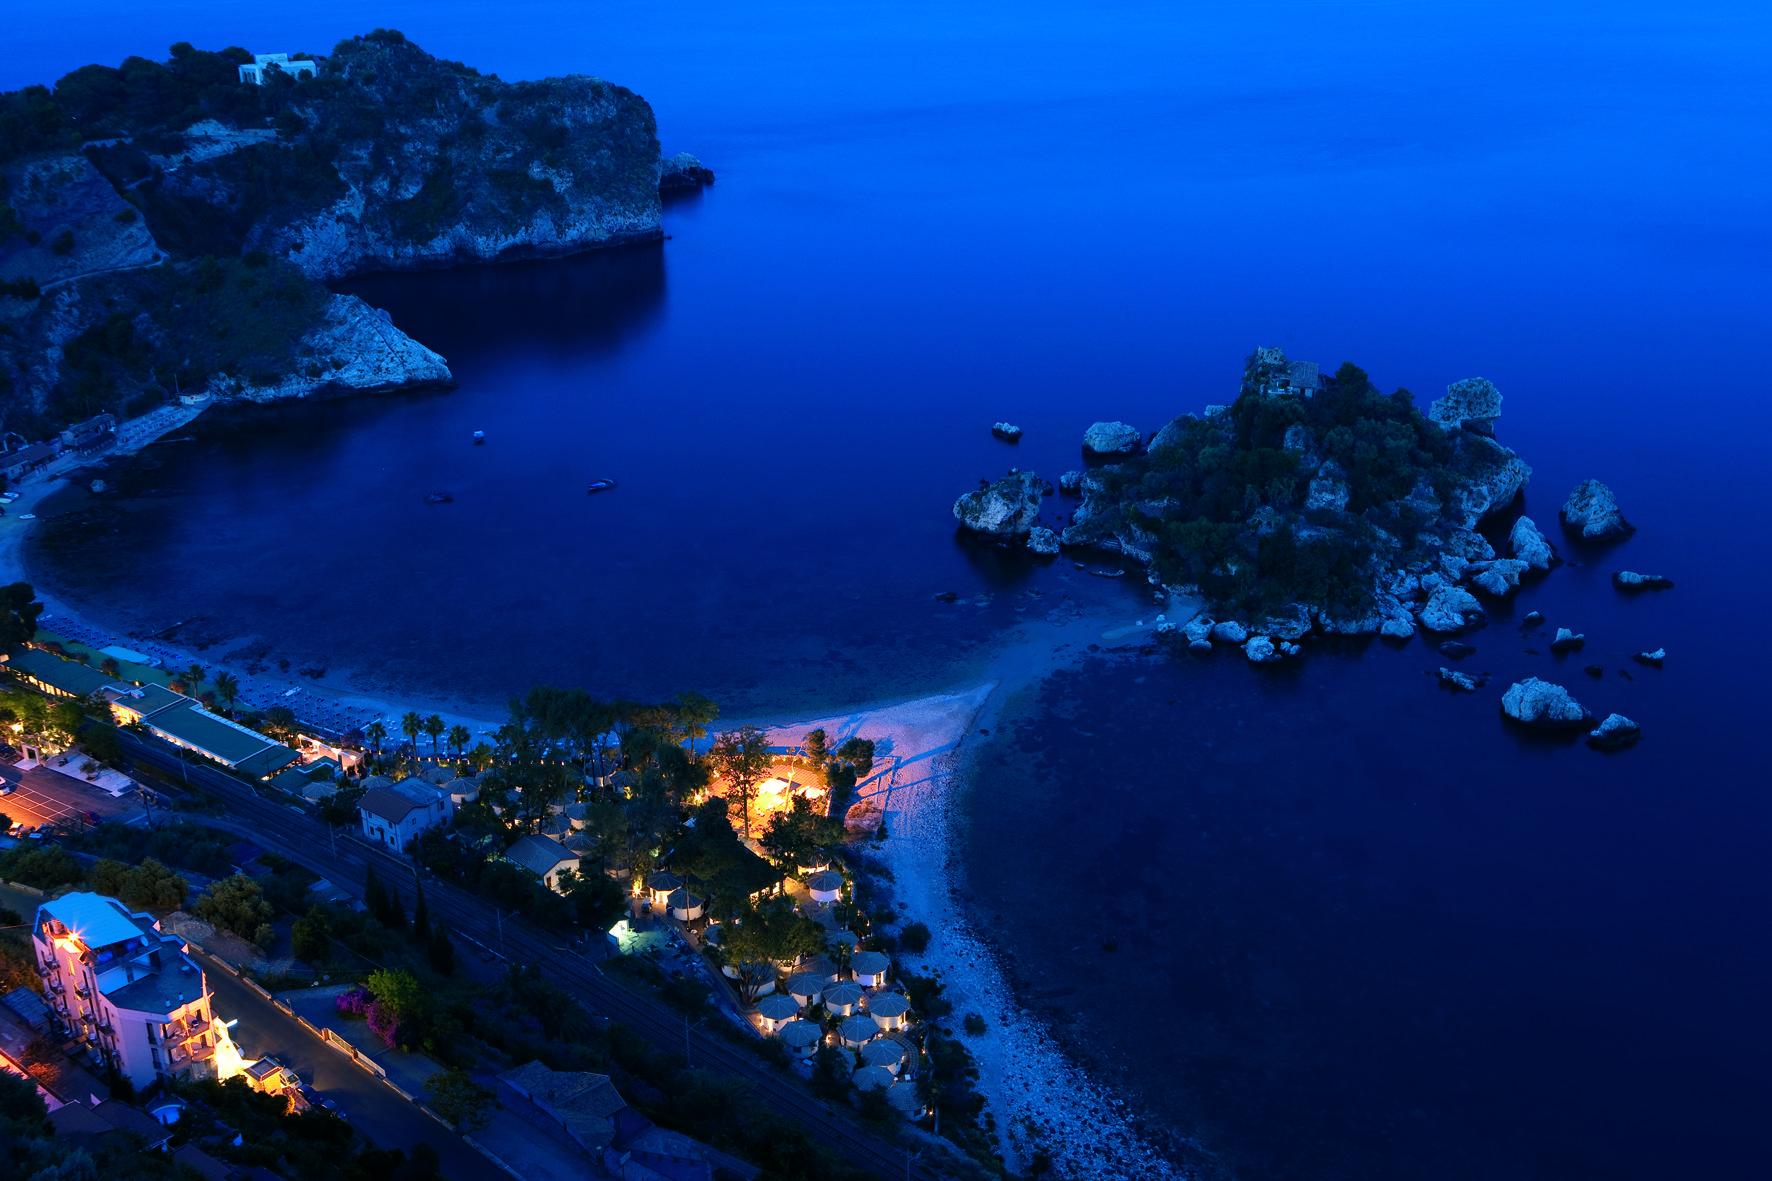 Direttamente  sulla spiaggia, a pochi passi dalla funivia per il centro storico di Taormina, da qualsiasi   angolo del La Plage Resort e della sua spiaggia si gode una vista mozzafiato sulla baia di   Isola Bella.